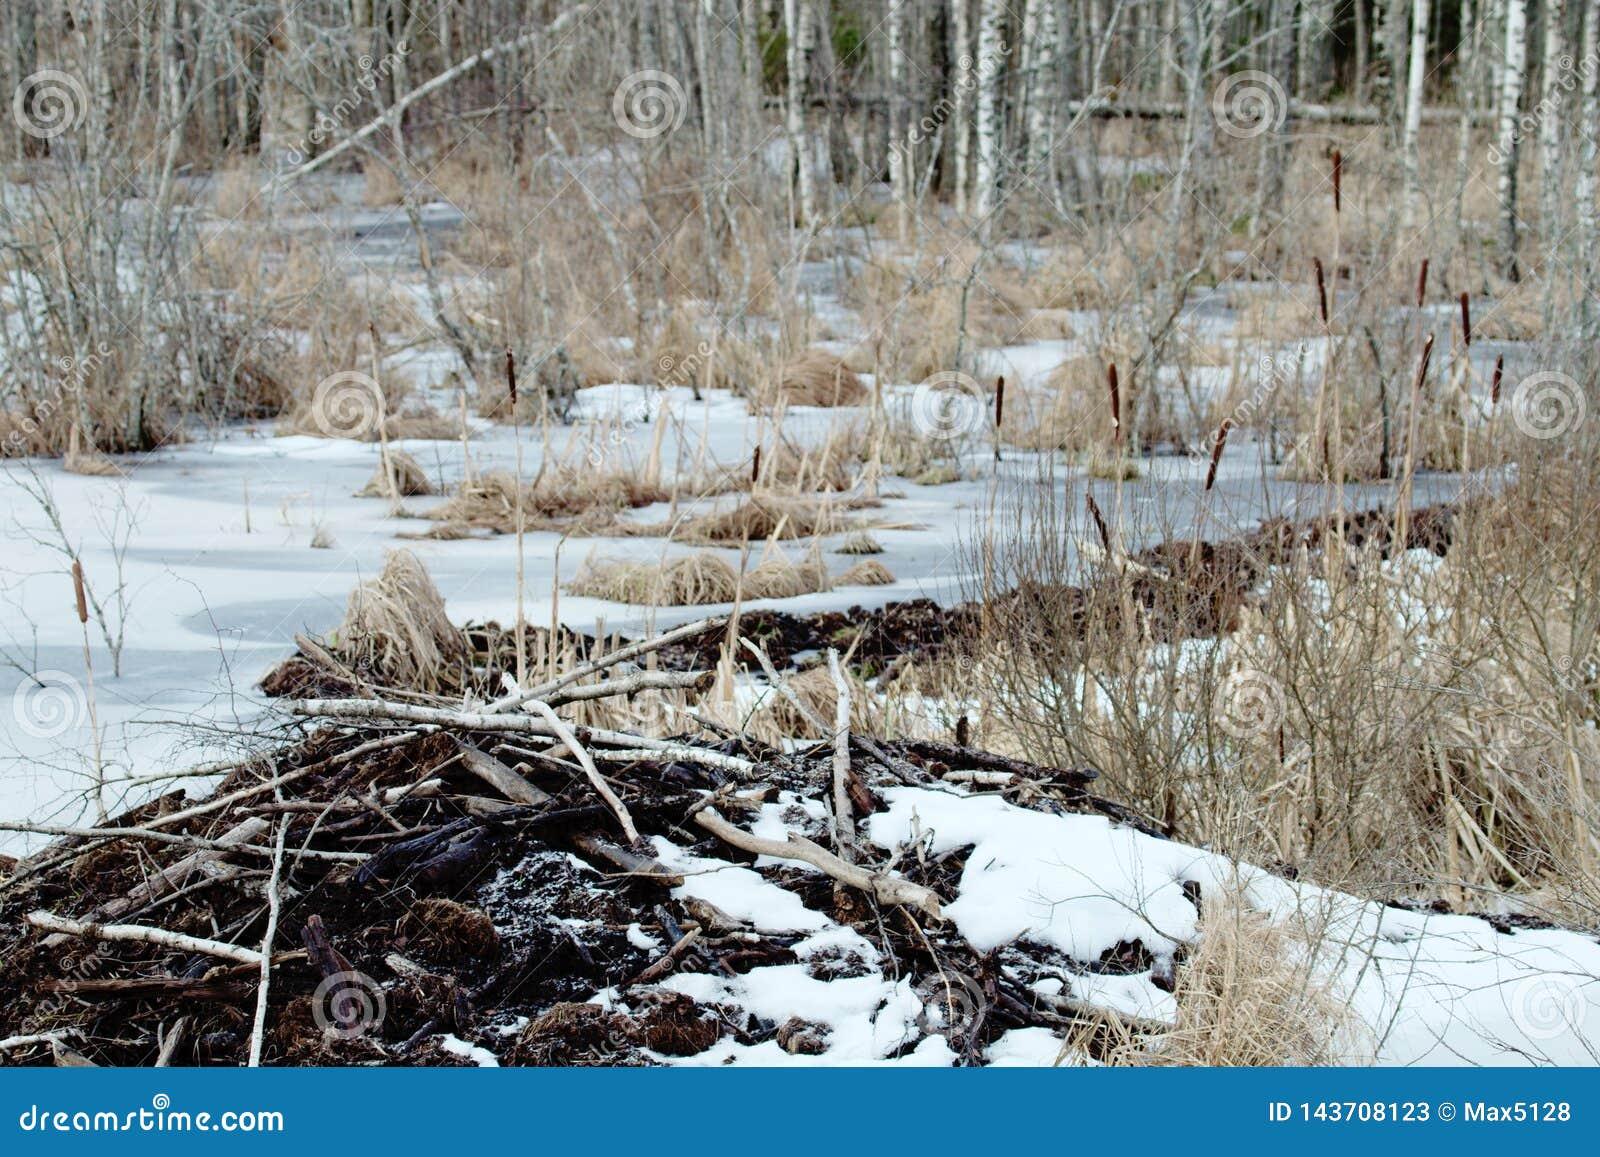 Les castors vivent sous la glace en hiver, barrage de castor